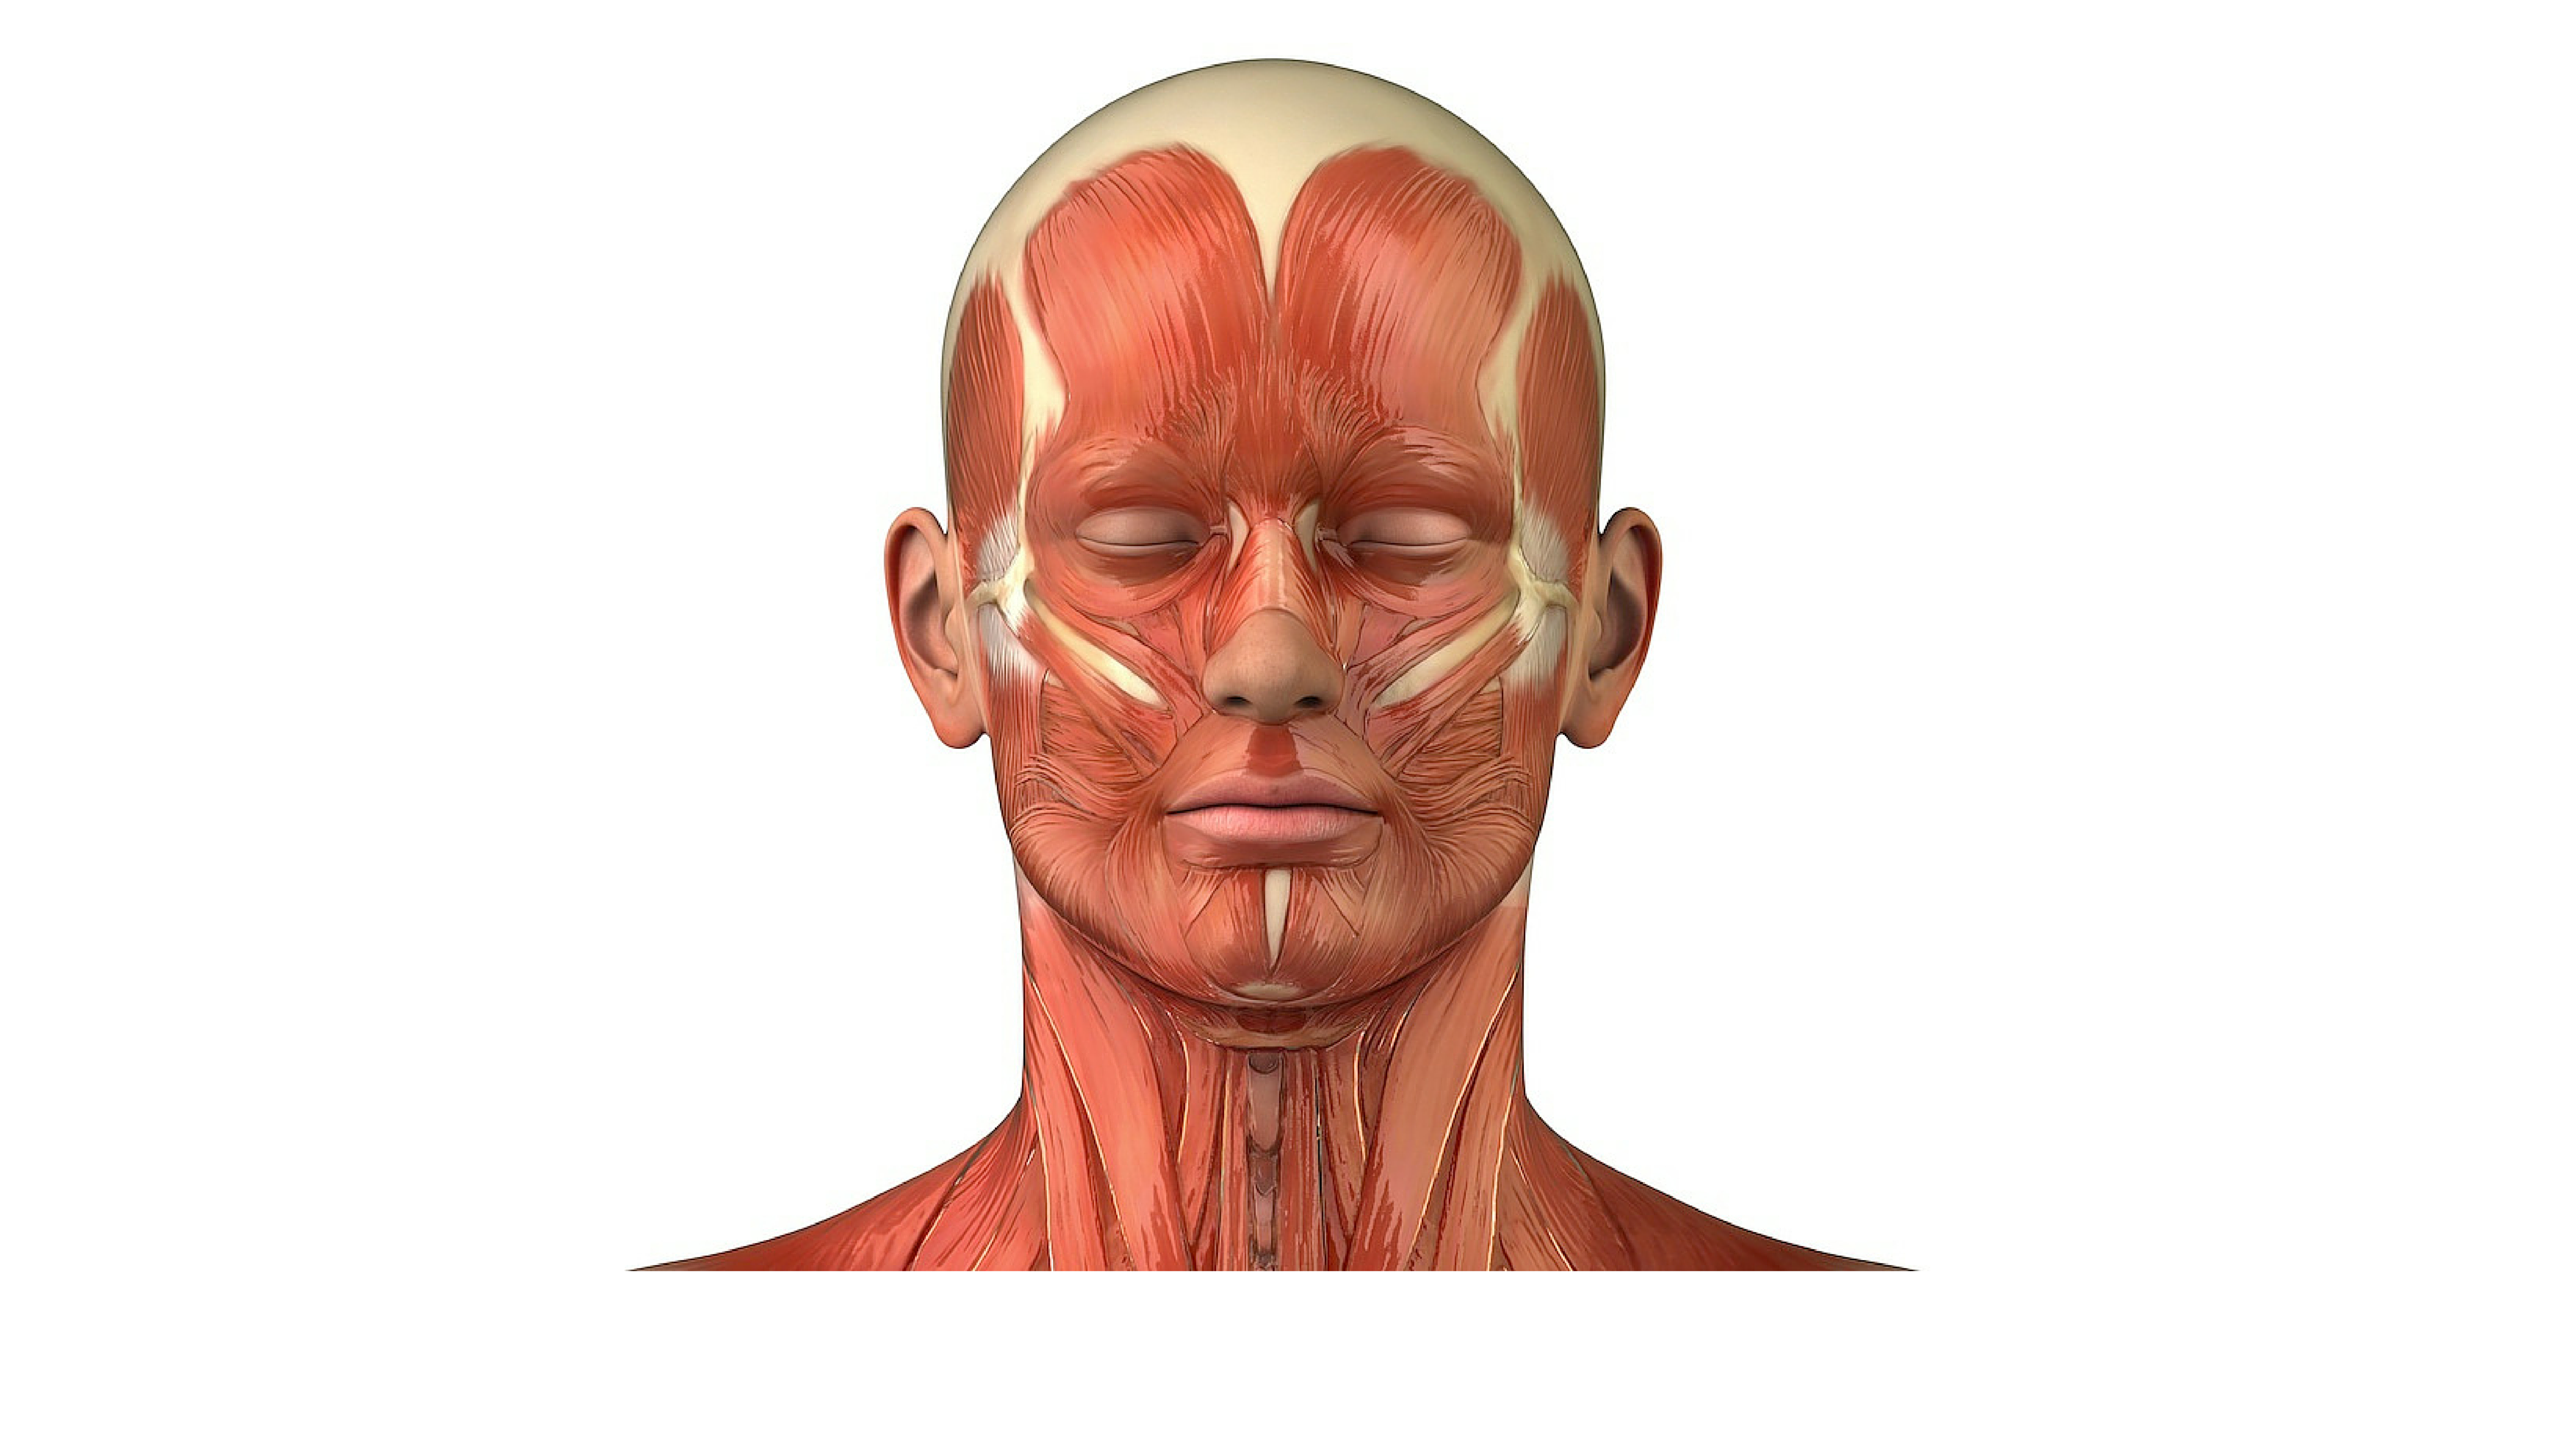 Anatomia facial – Músculos da Face | MUSCULOS DA FACE BOOK ...